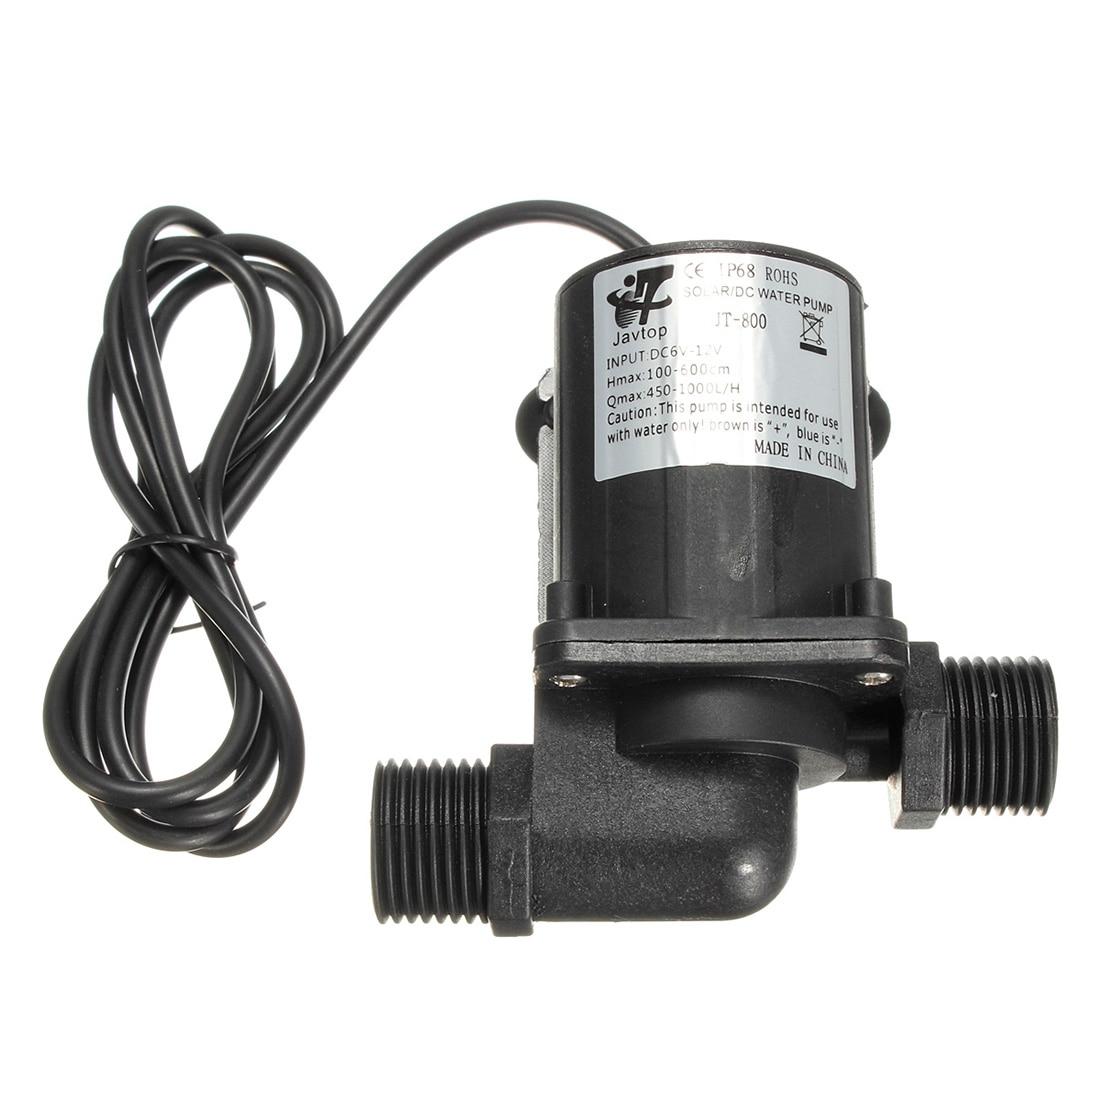 Abkm Heißer Dc 12 V Elektrische/solar Bürstenlosen Motor Wasserpumpe Aquarium Brunnen 1000l/h Schwarz